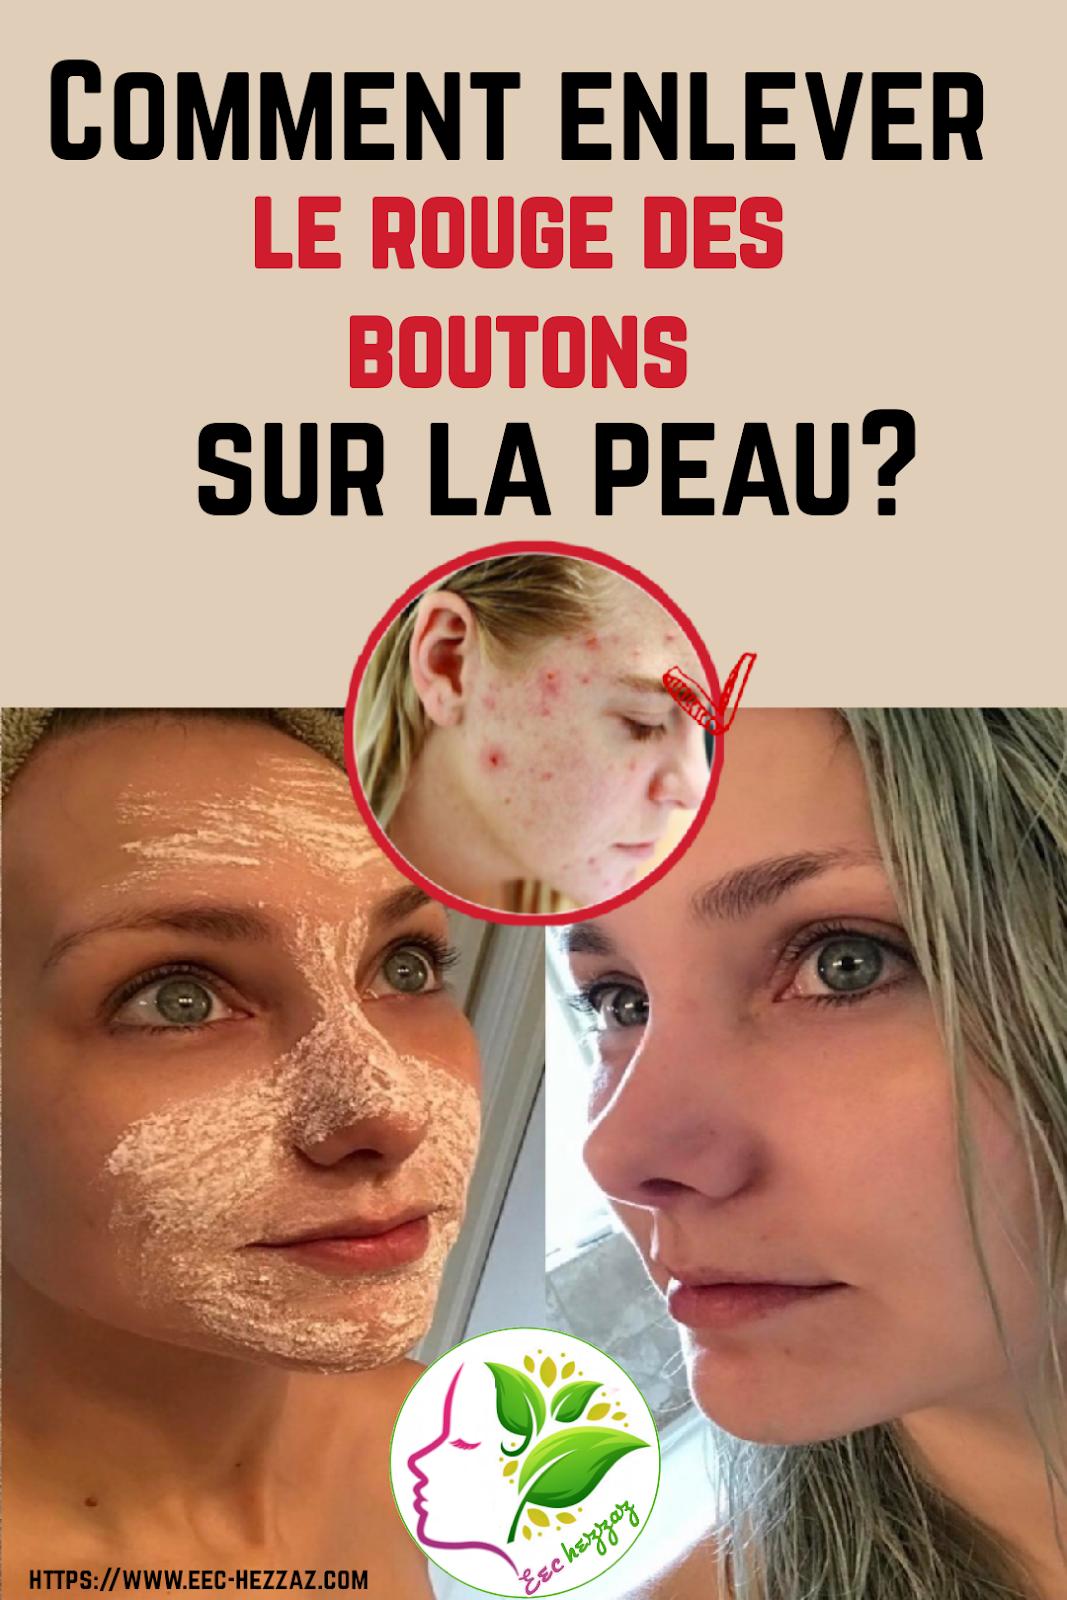 Comment enlever le rouge des boutons sur la peau?